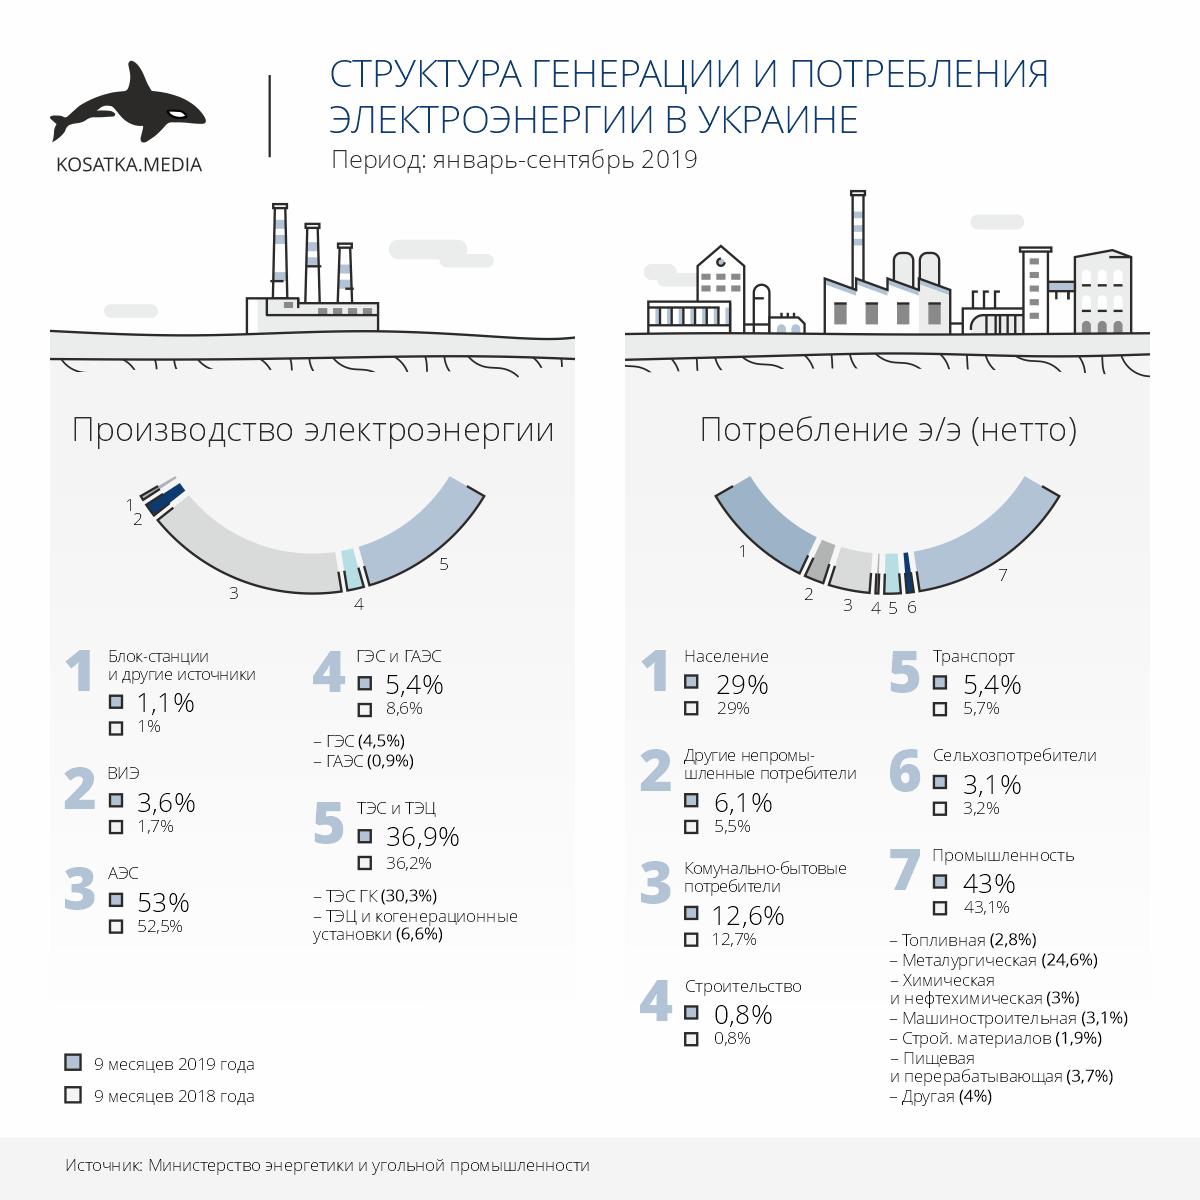 Структура генерации и потребления электроэнергии (январь-сентябрь 2019)